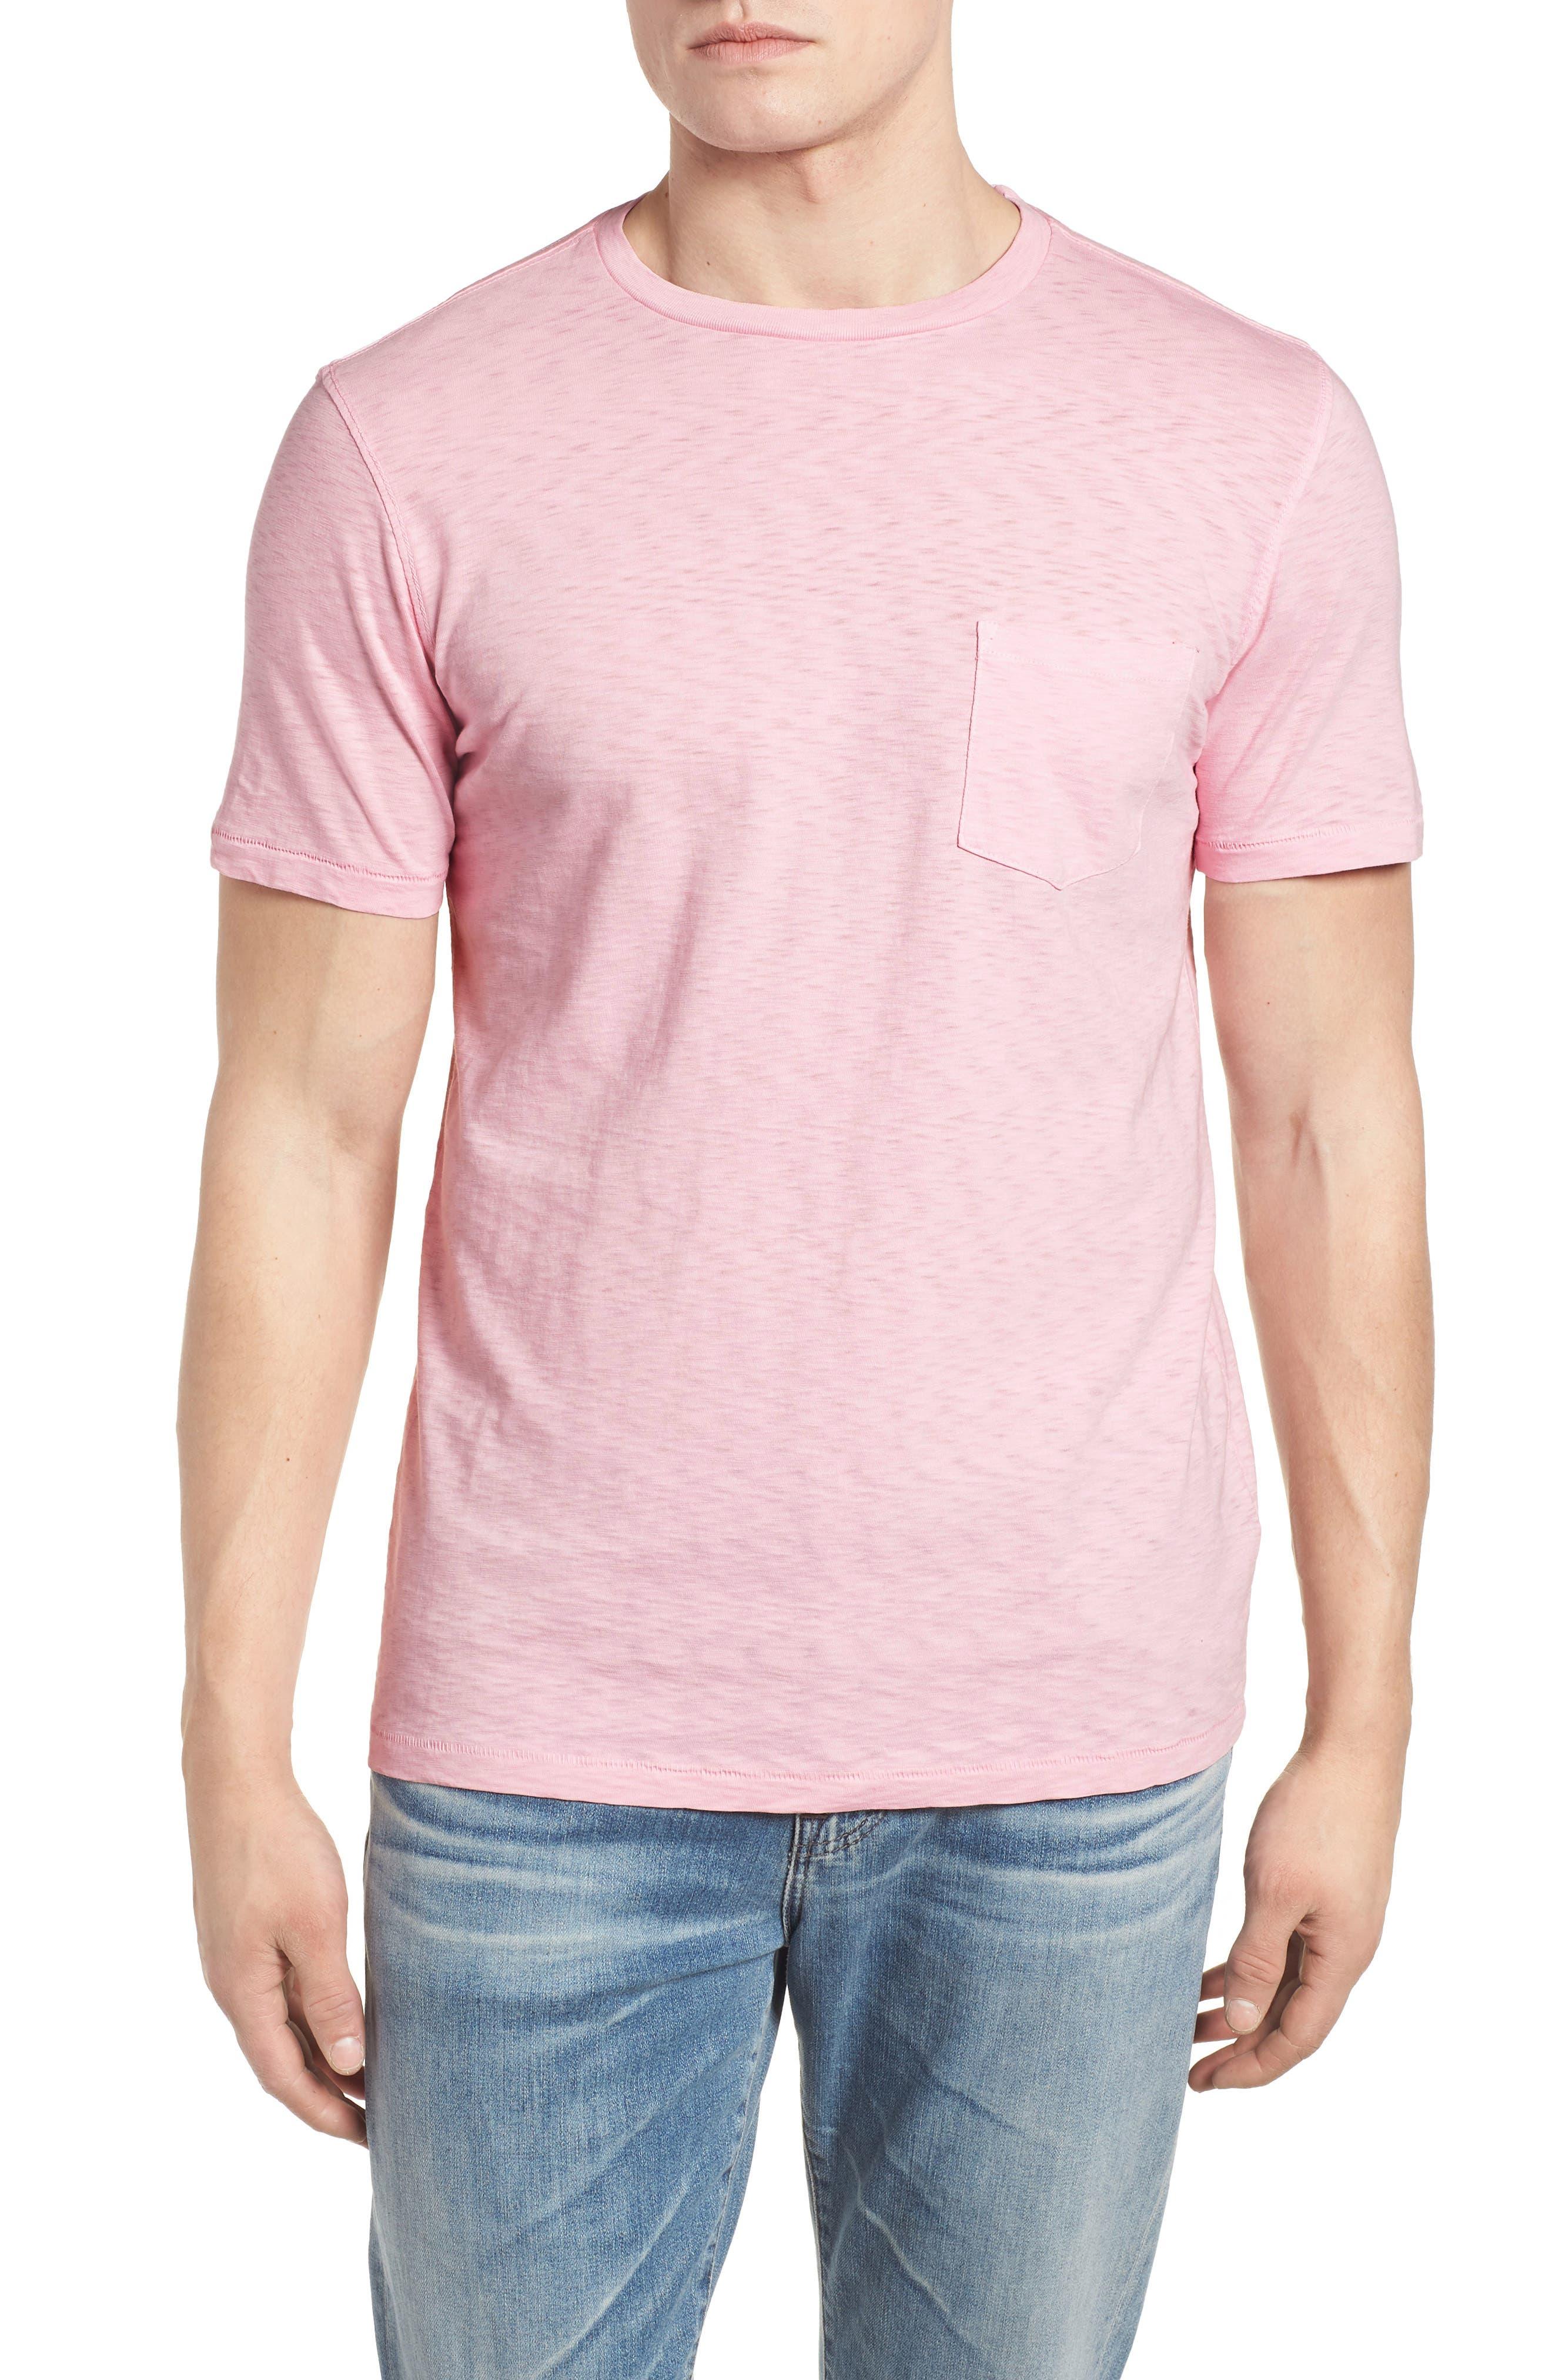 Vintage 1946 Slub Knit T-Shirt